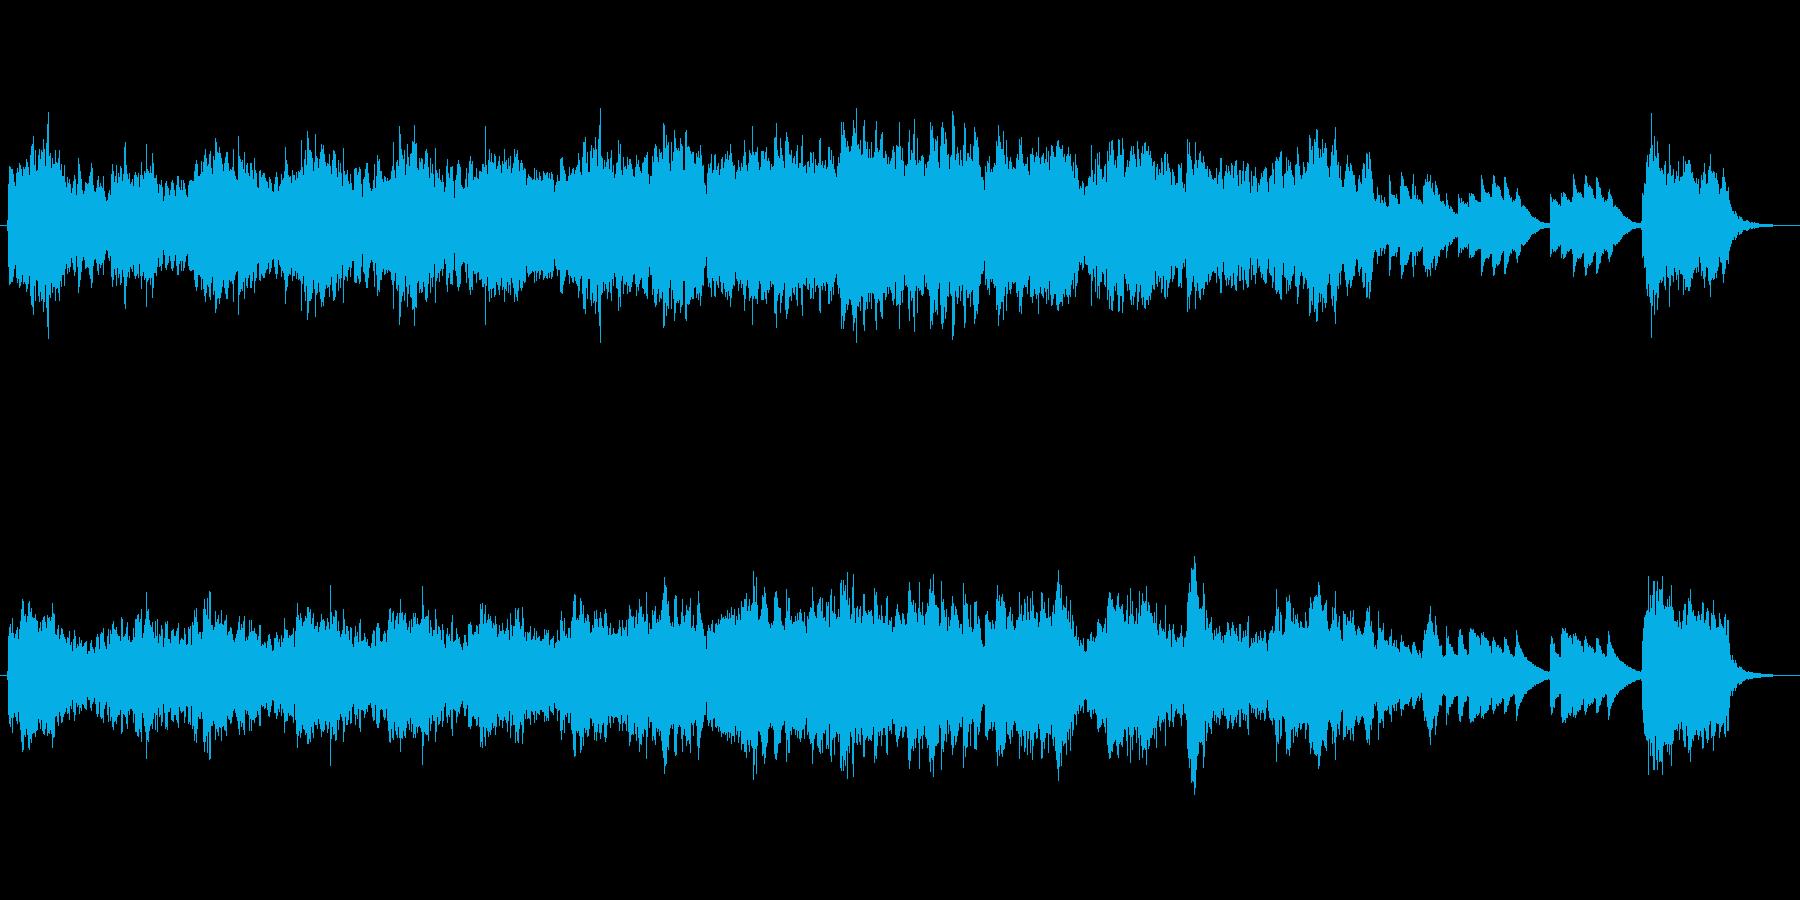 ピアノとバイオリンの回想シーン風バラードの再生済みの波形